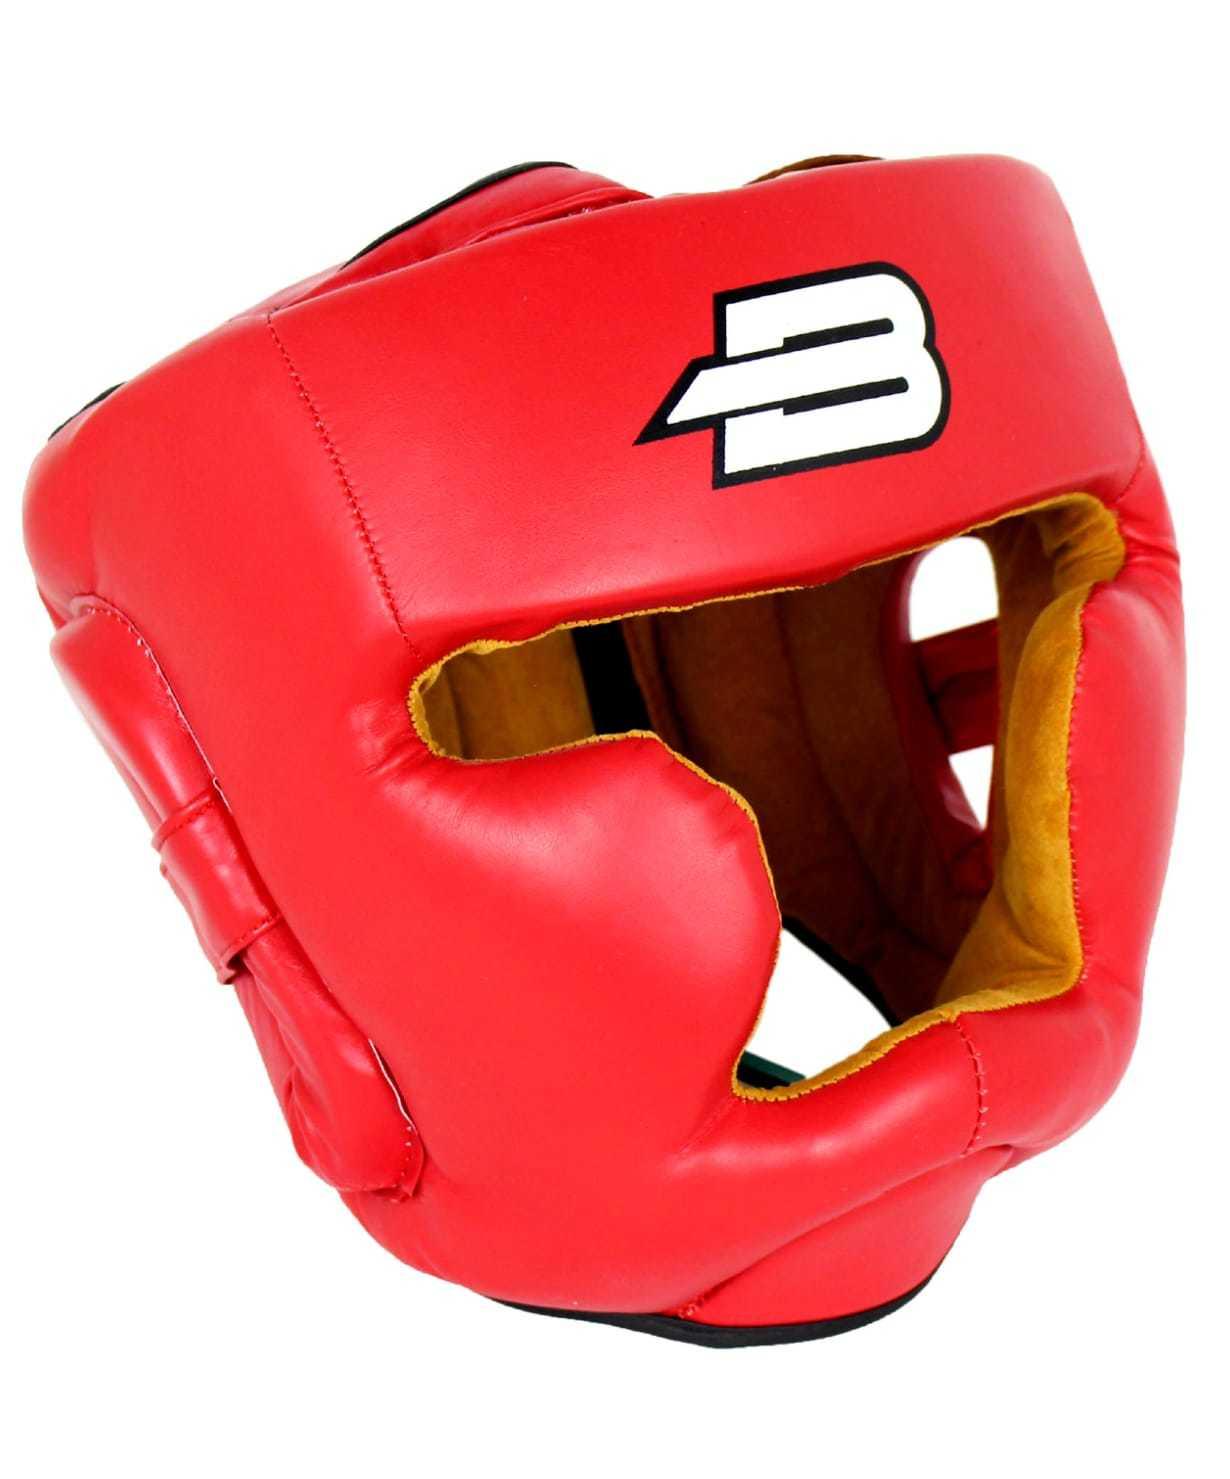 Шлемы Шлем закрытый BoyBo 4761af5cf6f58d160d88883cef15d6f2.jpg